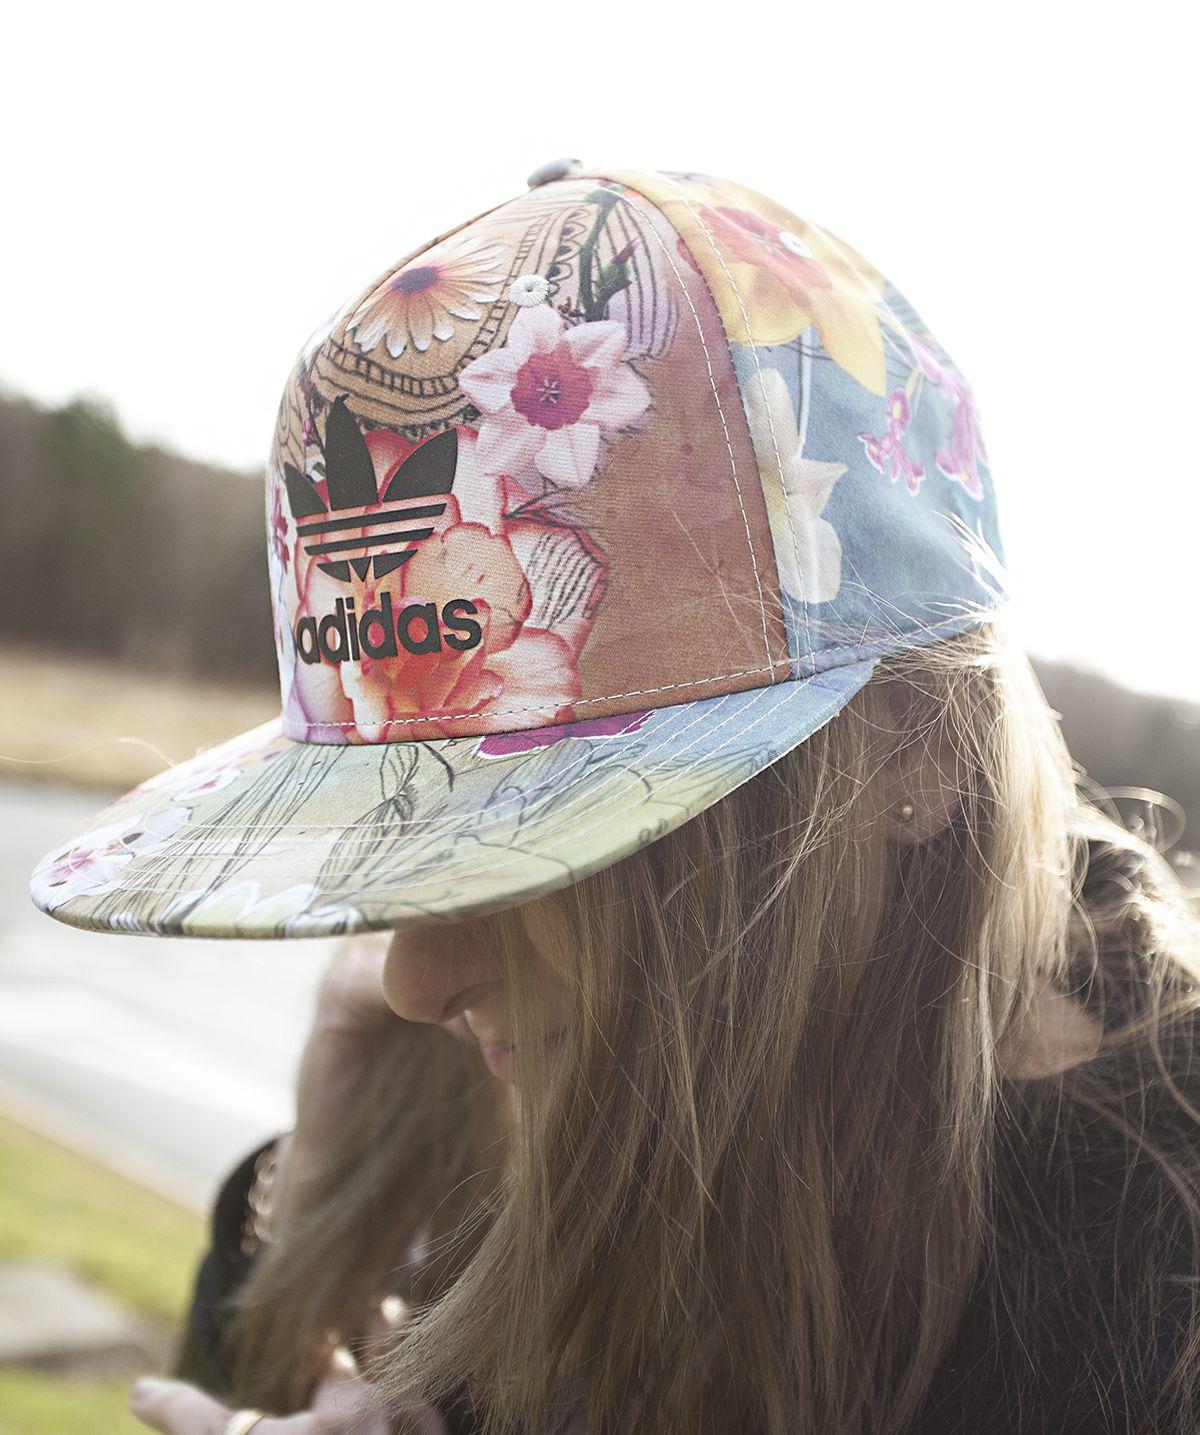 e14a6e4a18c95 Floral snapbacks   Spring  Summer essentials. Adidas Snapback